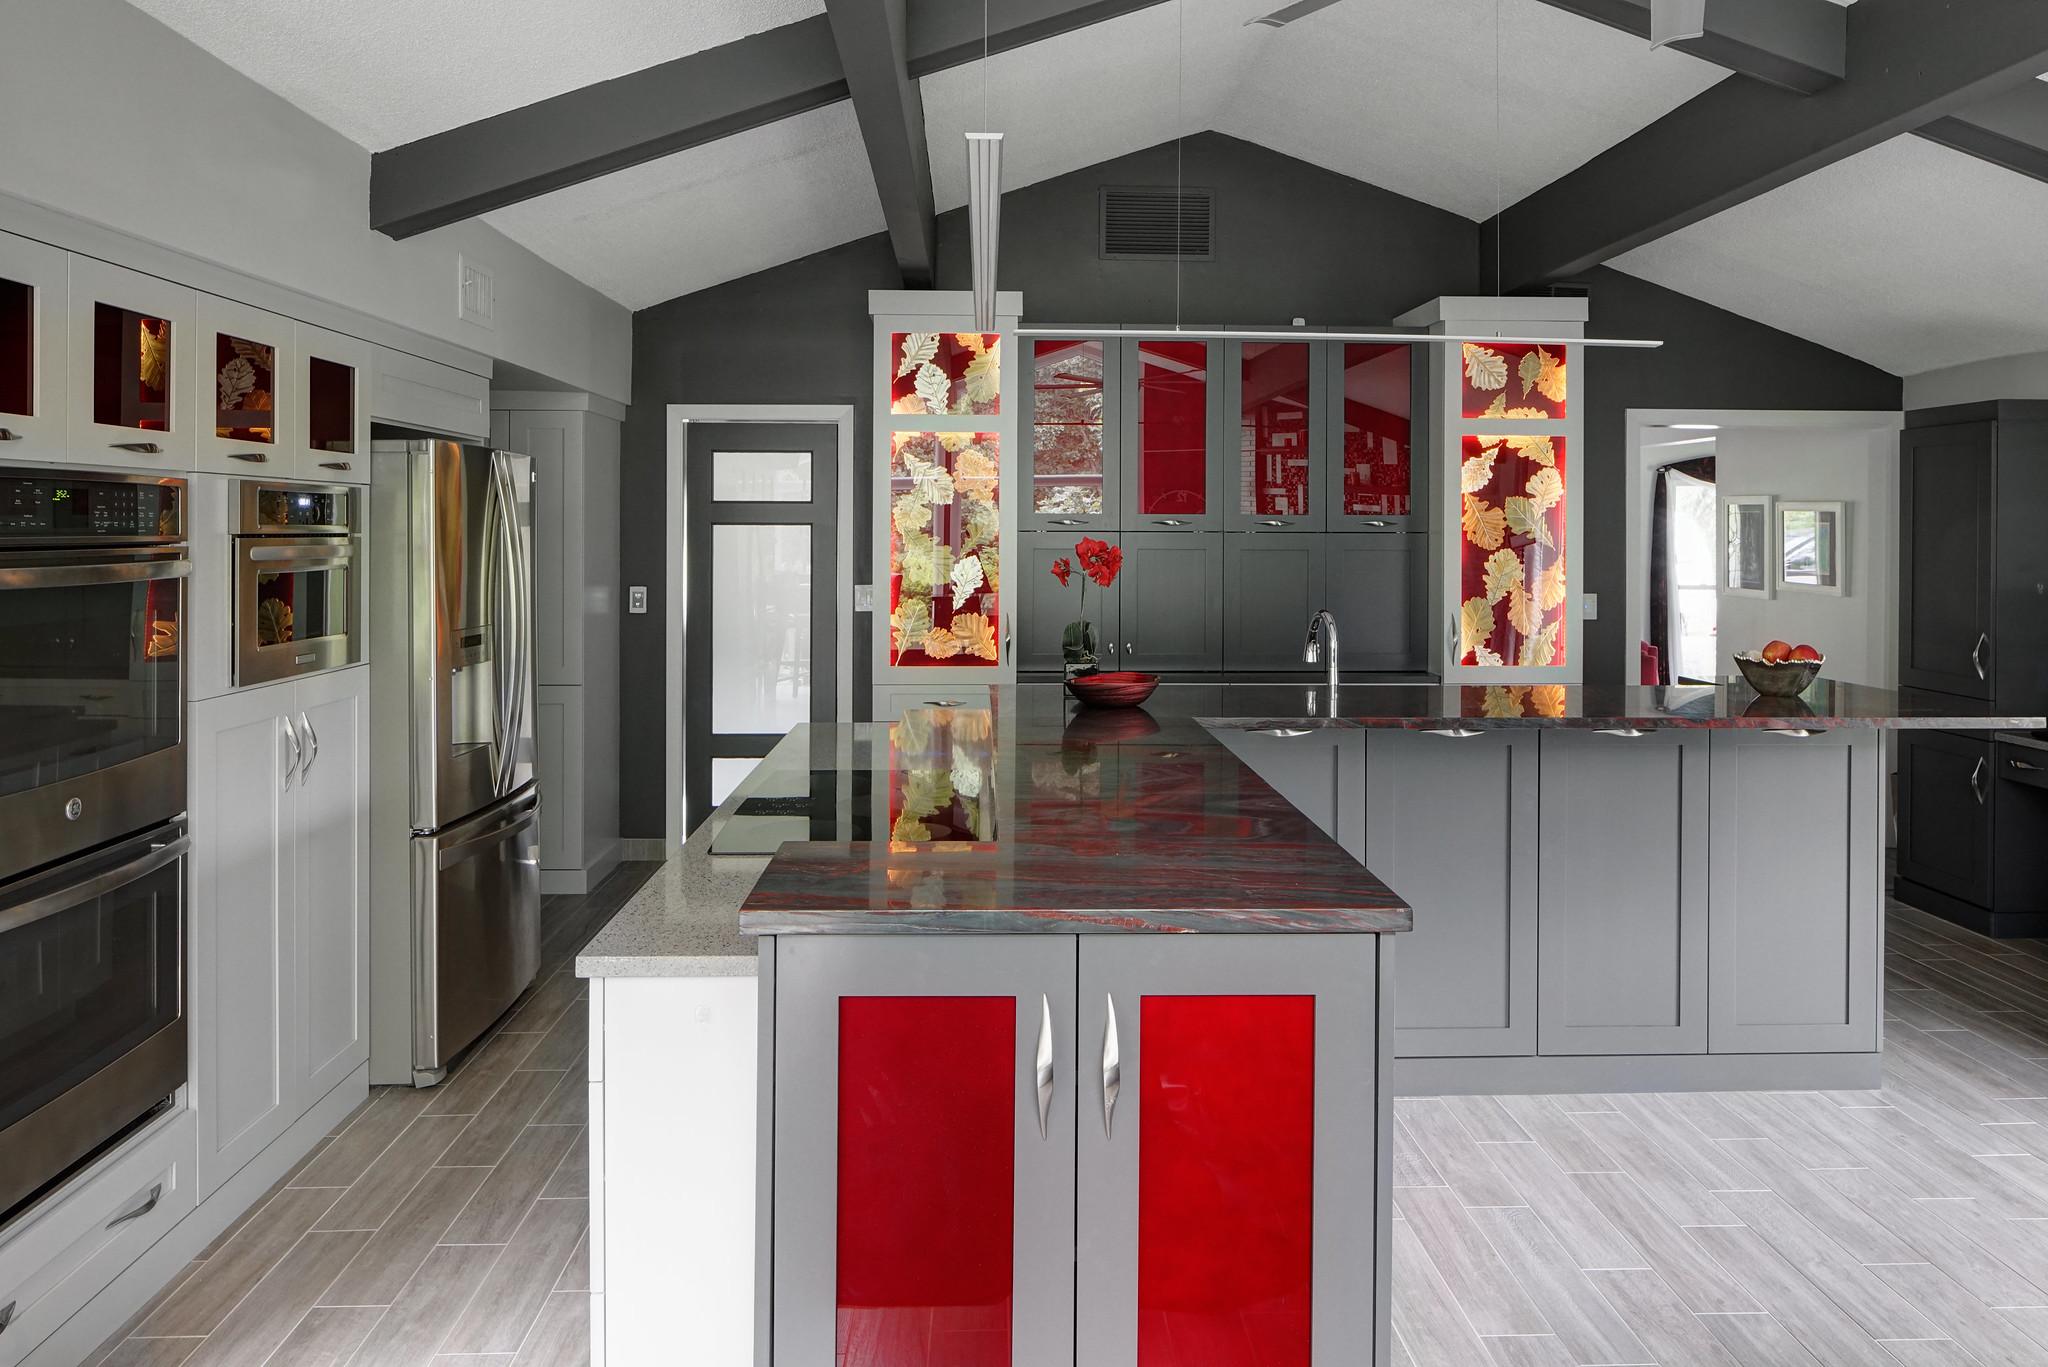 Drury design kitchen bath studio flickr - Drury design kitchen bath studio ...